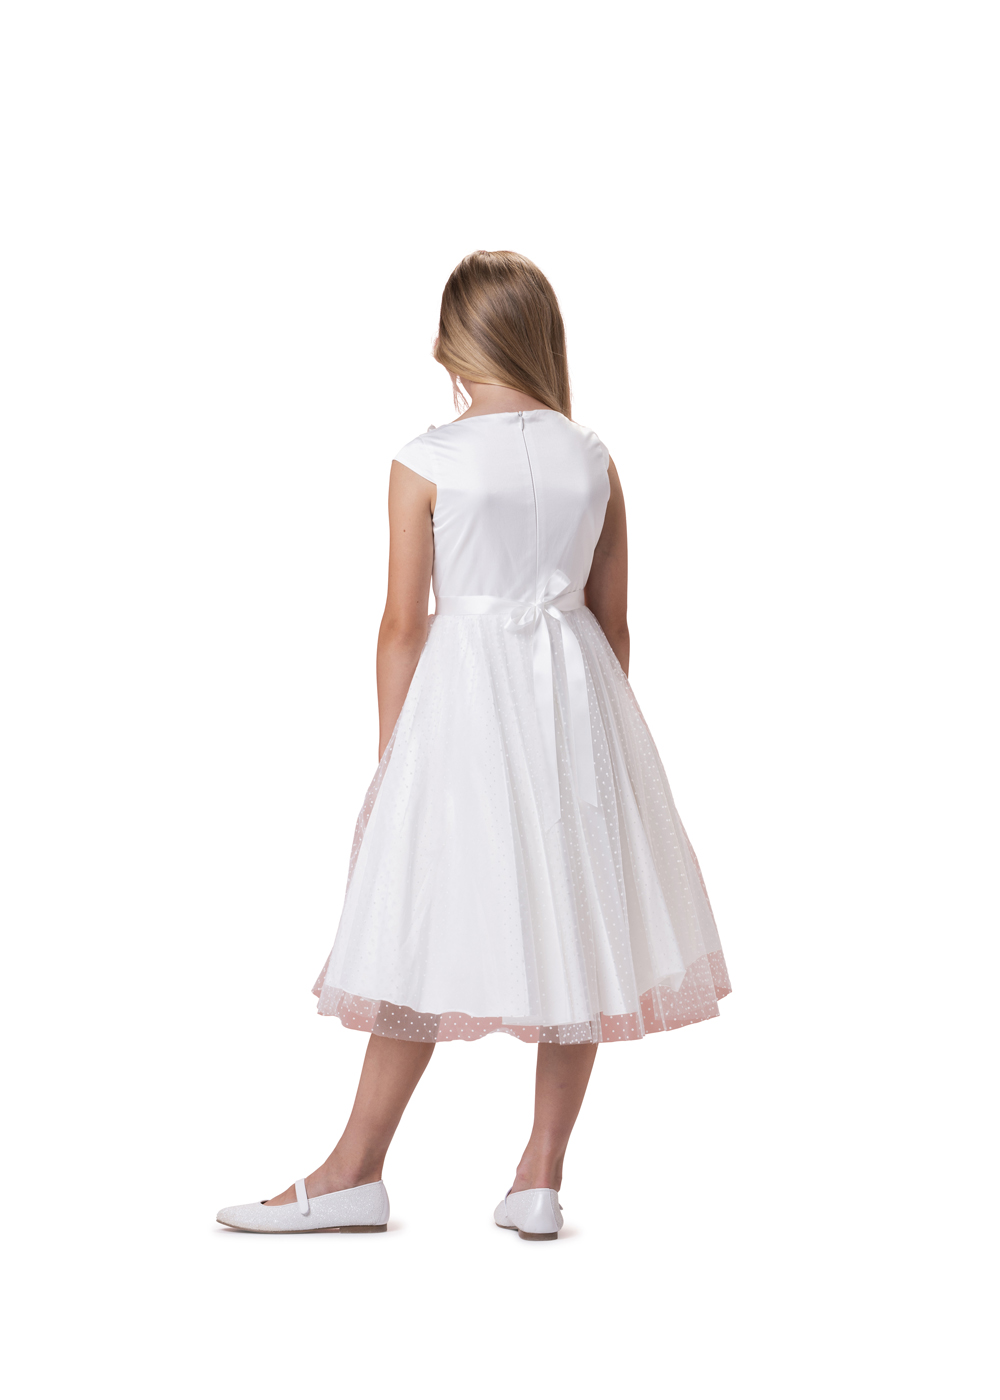 Biancorella Kommunionkleid - Modell 520110. Knielanges verspieltes Kleid mit Organzarock. Das Oberteil mit leicht angedeuteten Ärmeln. Rückenansicht.